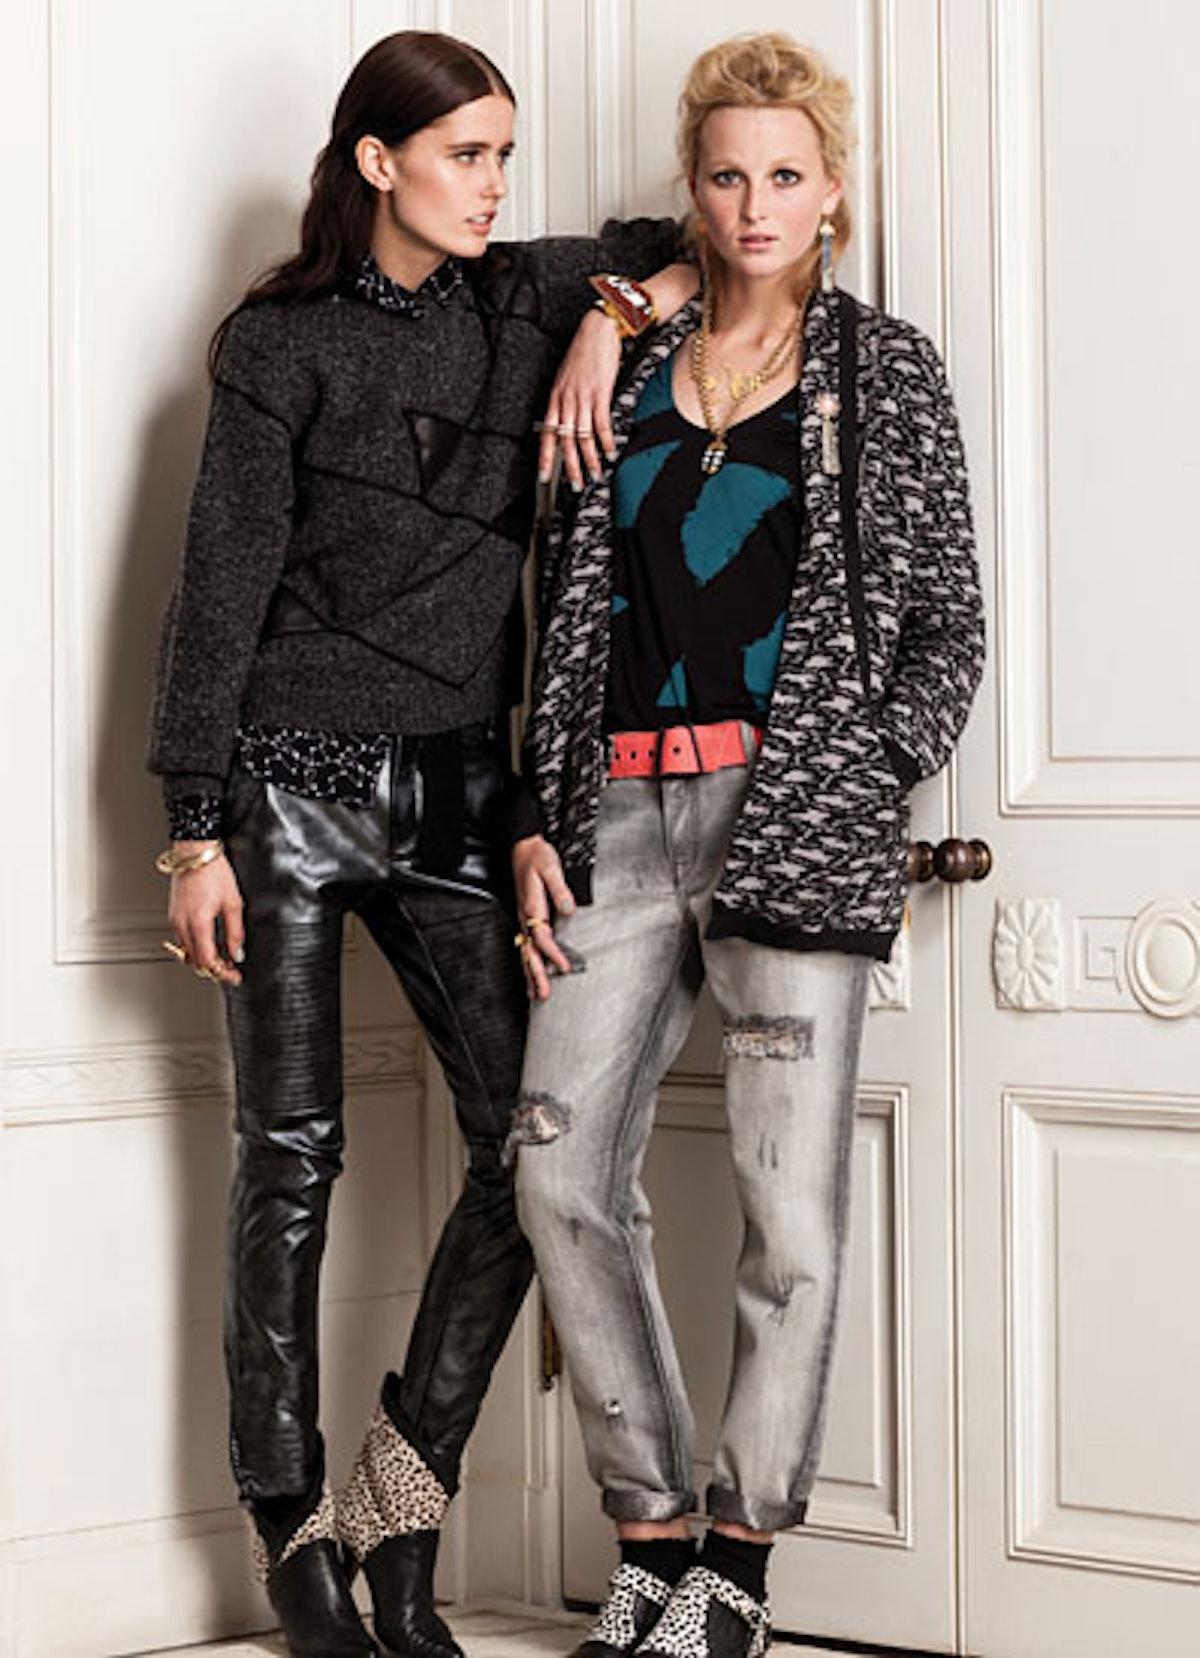 fass-kelly-wearstler-fall-2013-runway-04-v.jpg